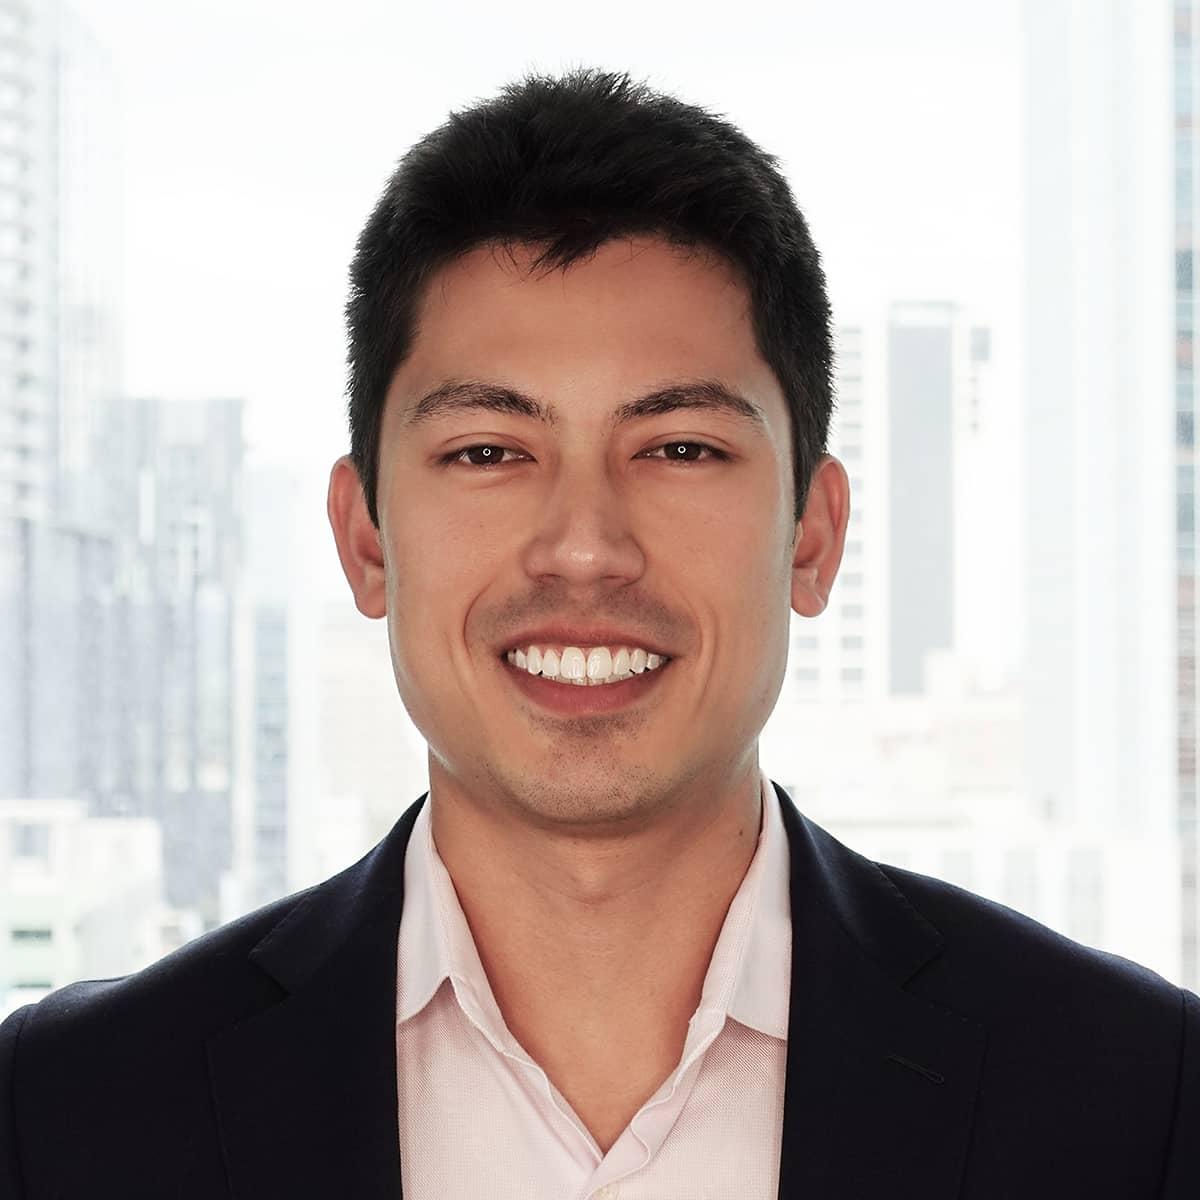 Bryant Salcedo